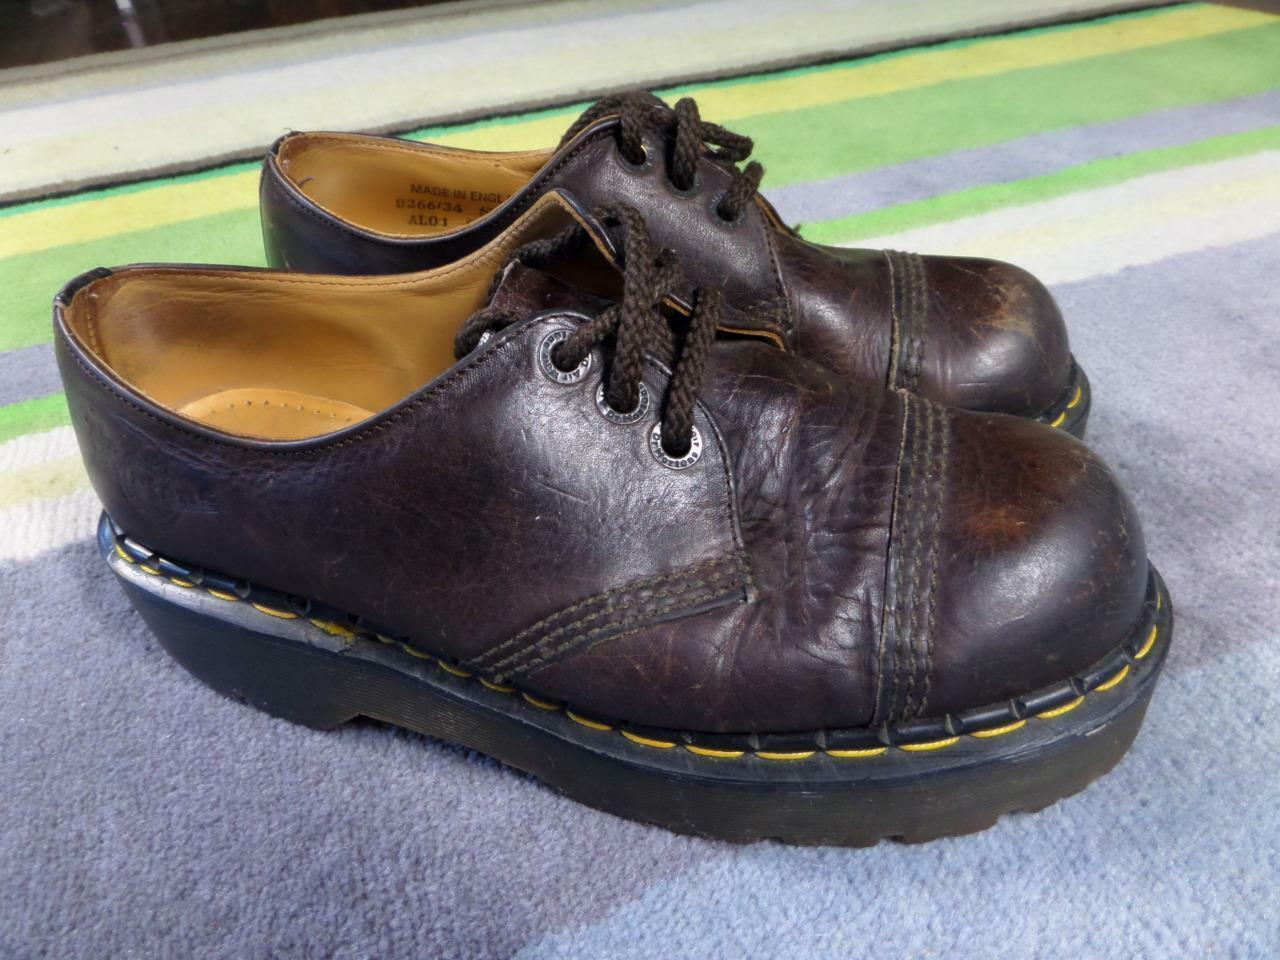 Dr Martens Aire Wair zapatos (mujeres 9, para hombres 8 EE. UU.) Marrón